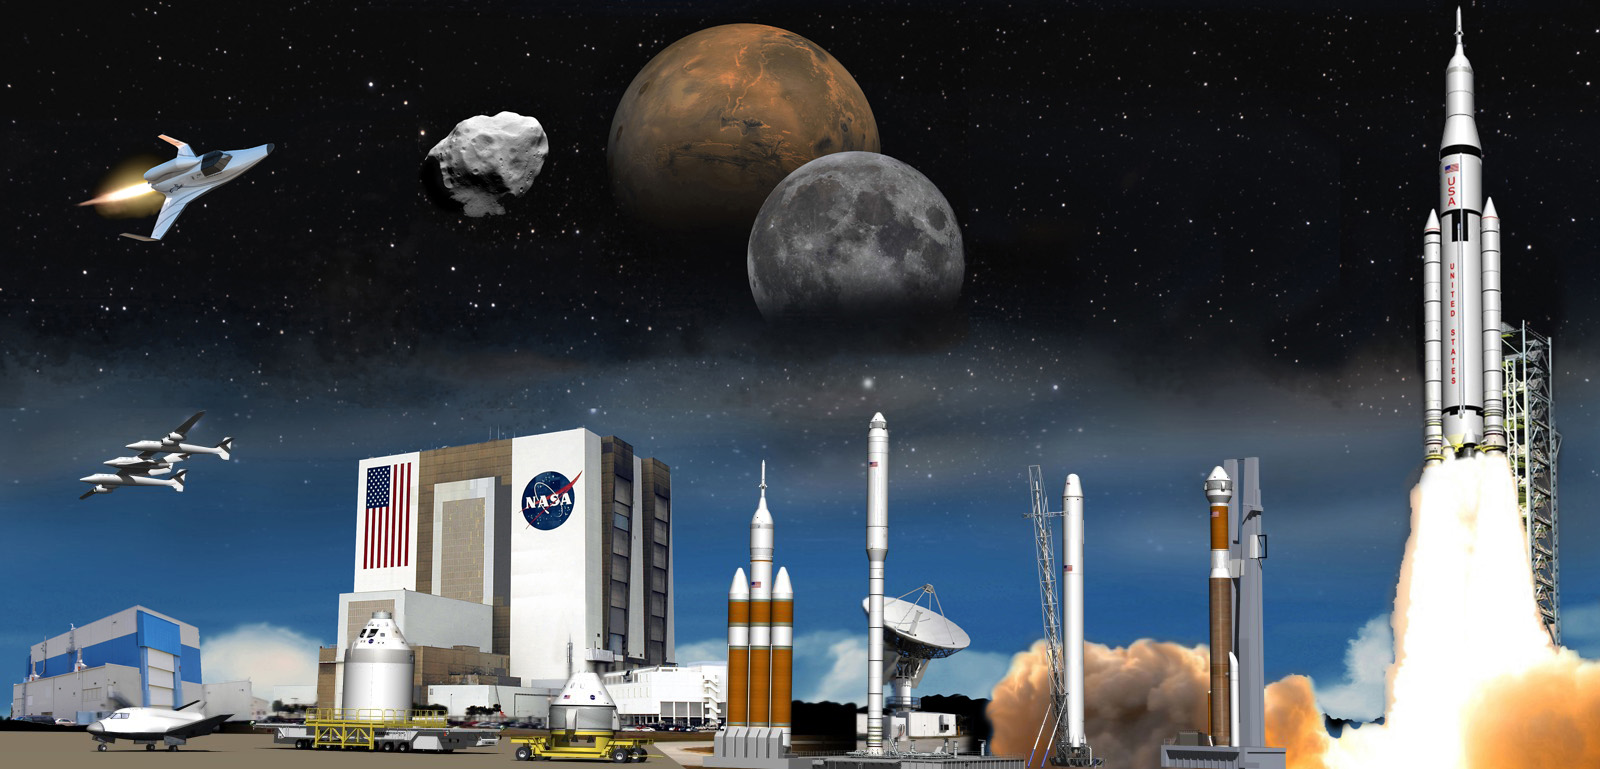 nasa mars exploration program - photo #31